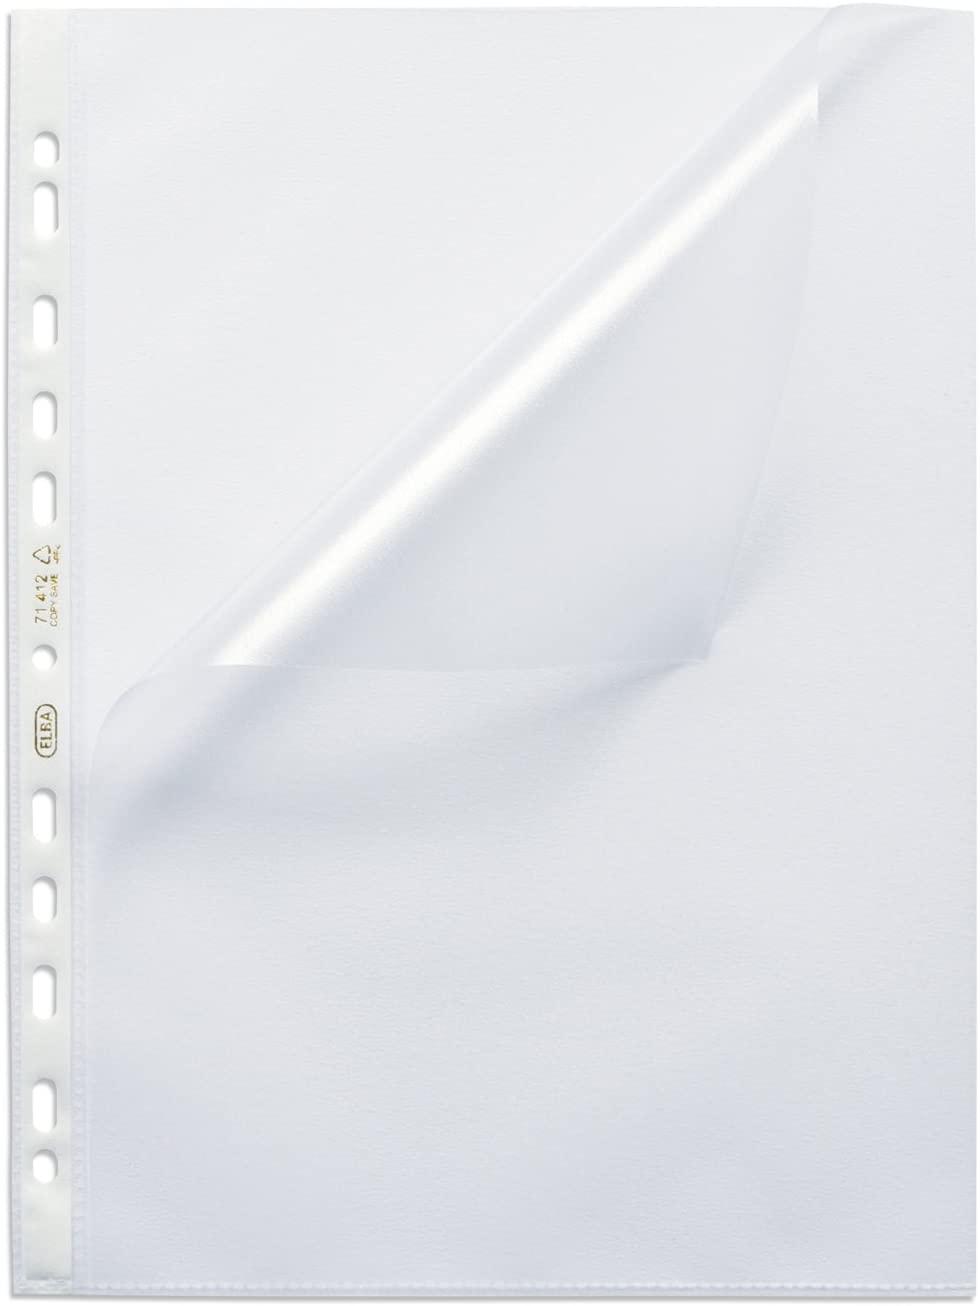 ELBA Prospekthülle A4 Premium 0,12 mm genarbt, 100 Stück